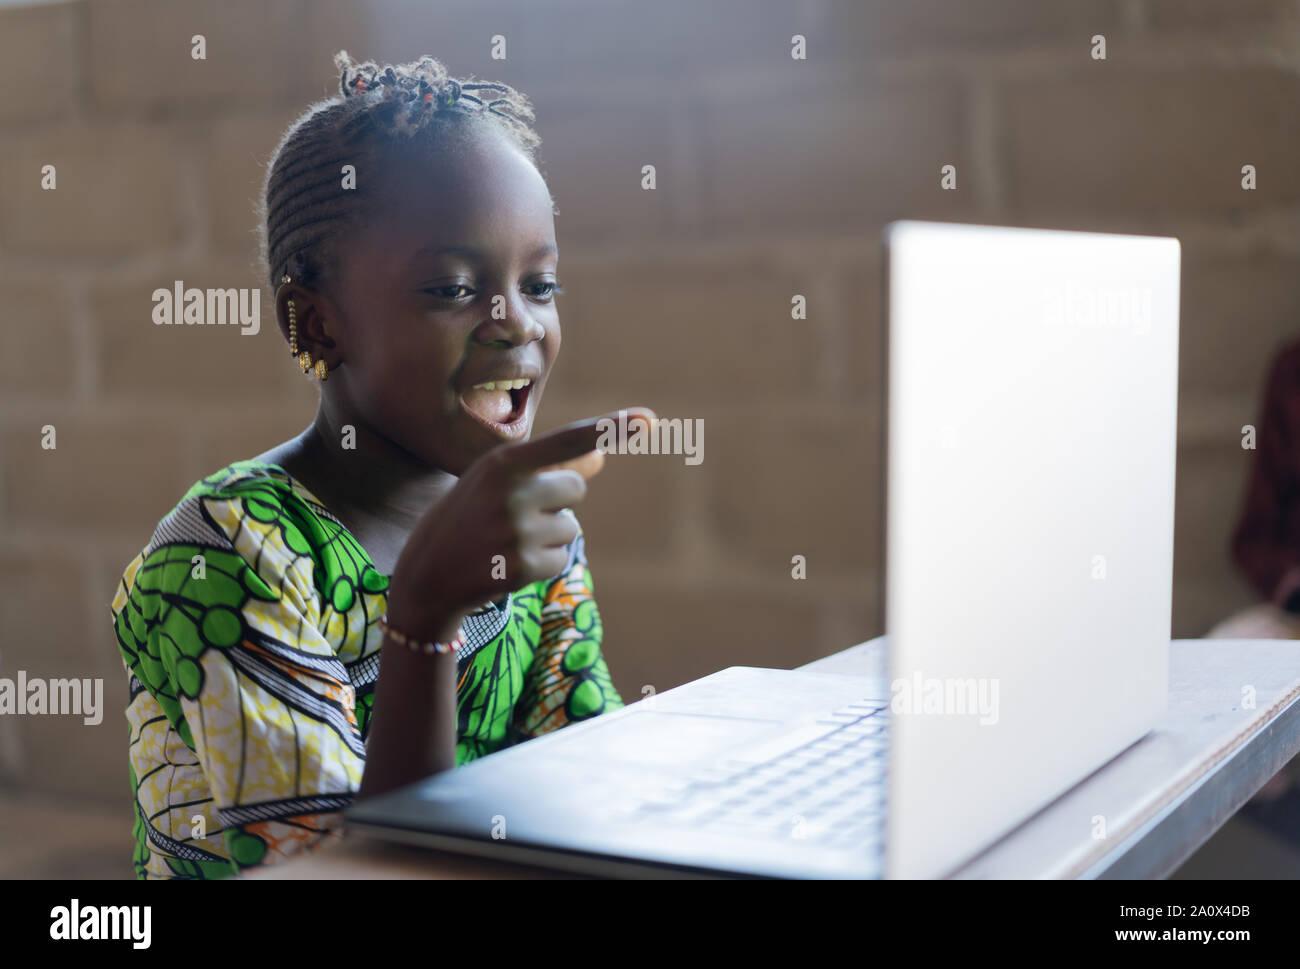 L'Afrique de l'adorable petite fille surpris Looking at Laptop Computer Technology Banque D'Images